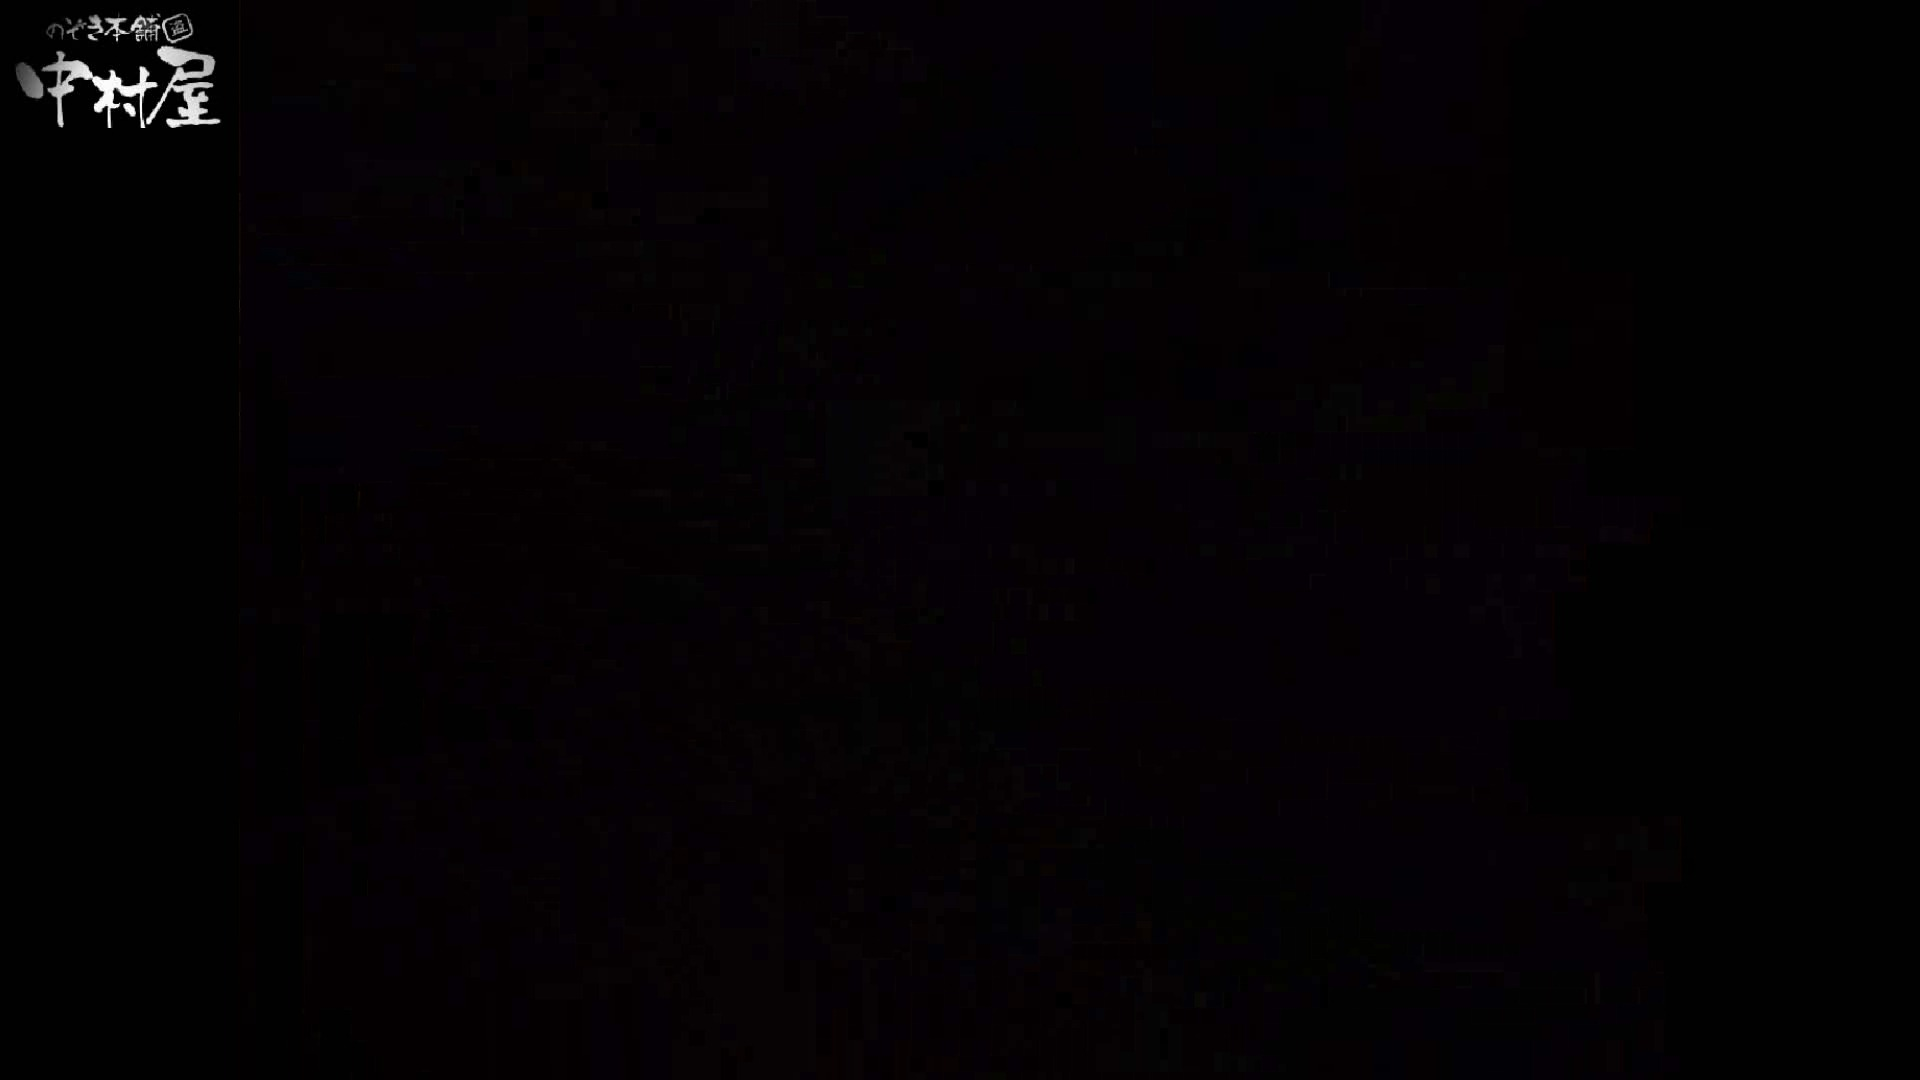 民家風呂専門盗撮師の超危険映像 vol.015 民家シリーズ すけべAV動画紹介 99PIX 53